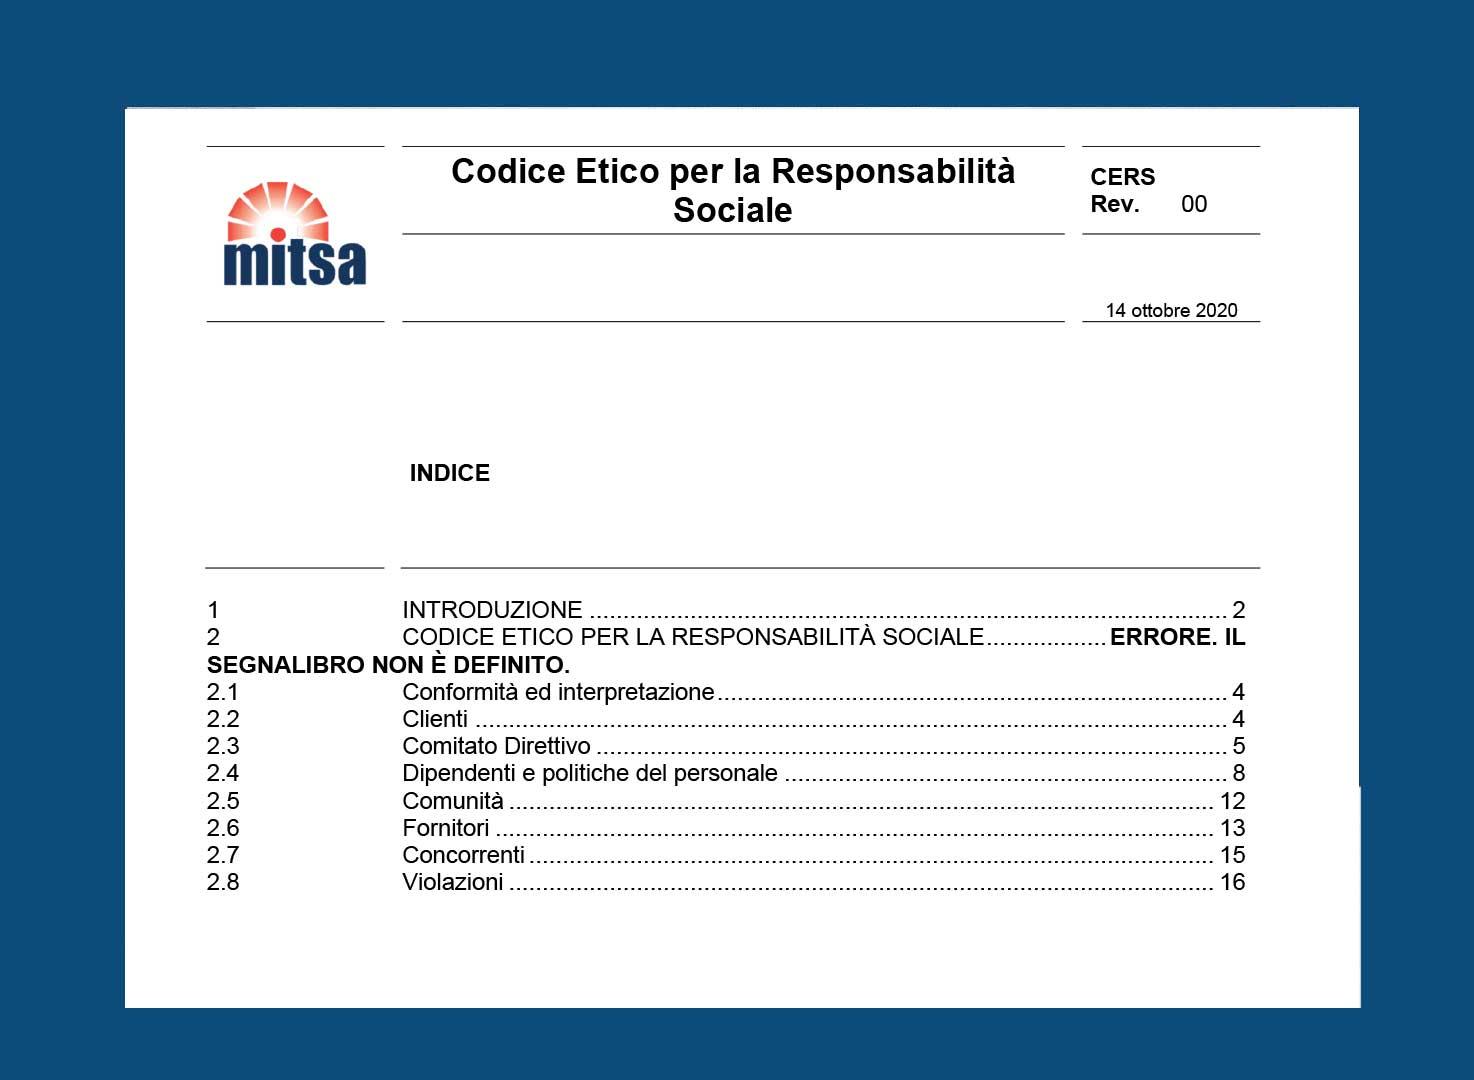 Codice Etico per la Responsabilità Sociale